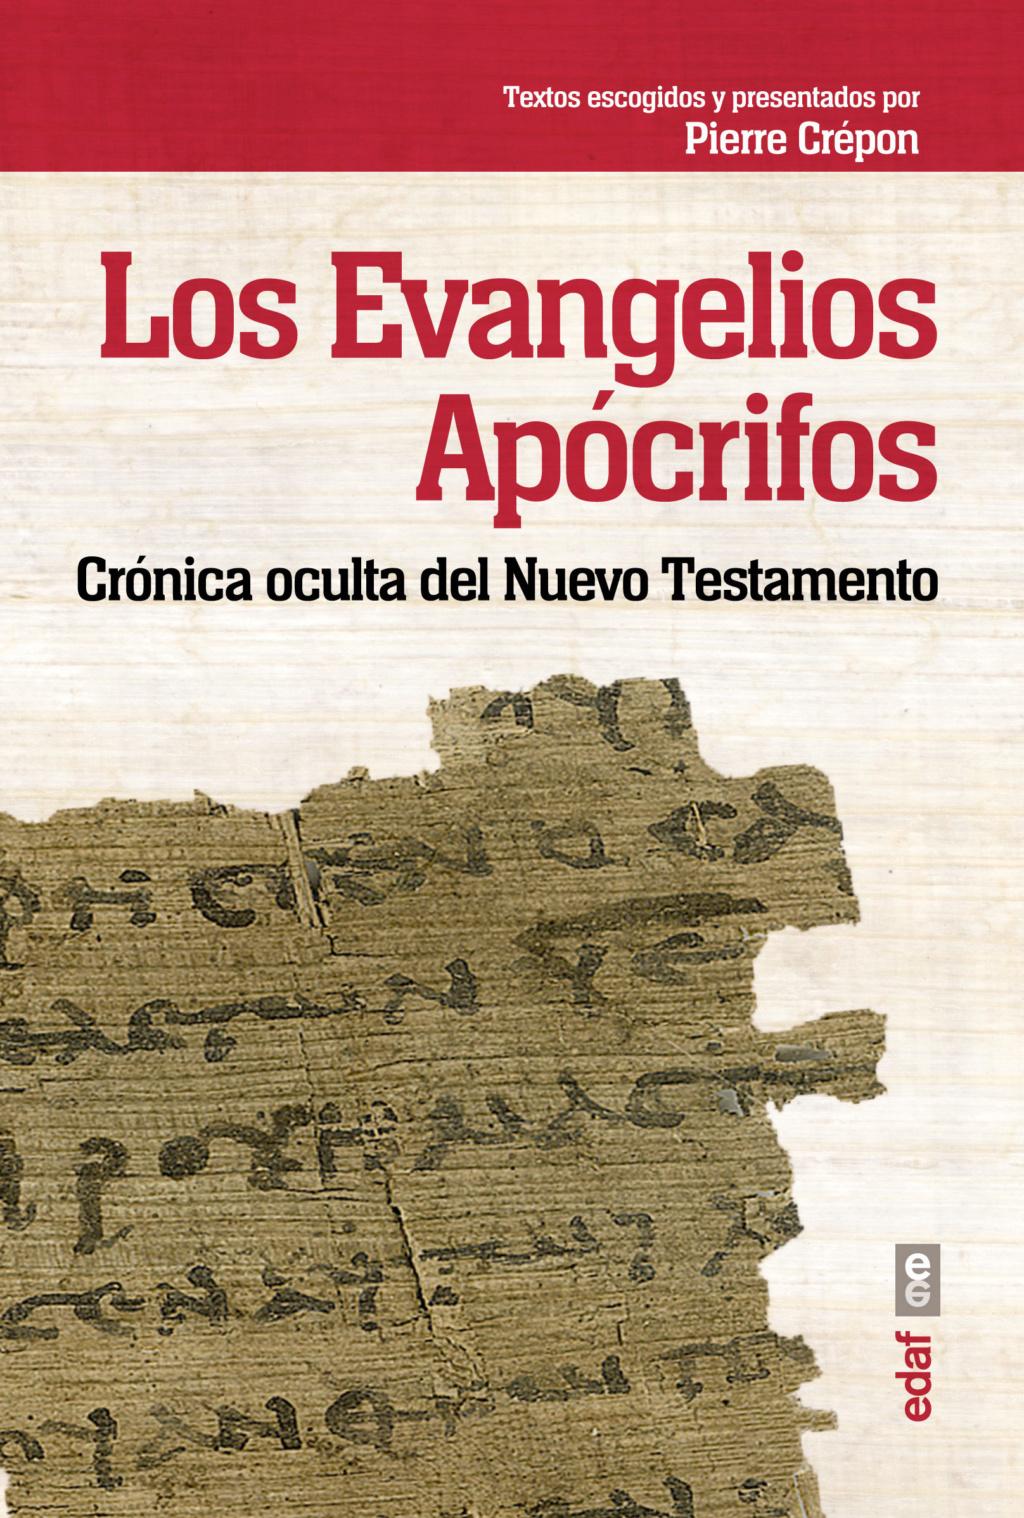 Los evangelios darán la luz Apocri10